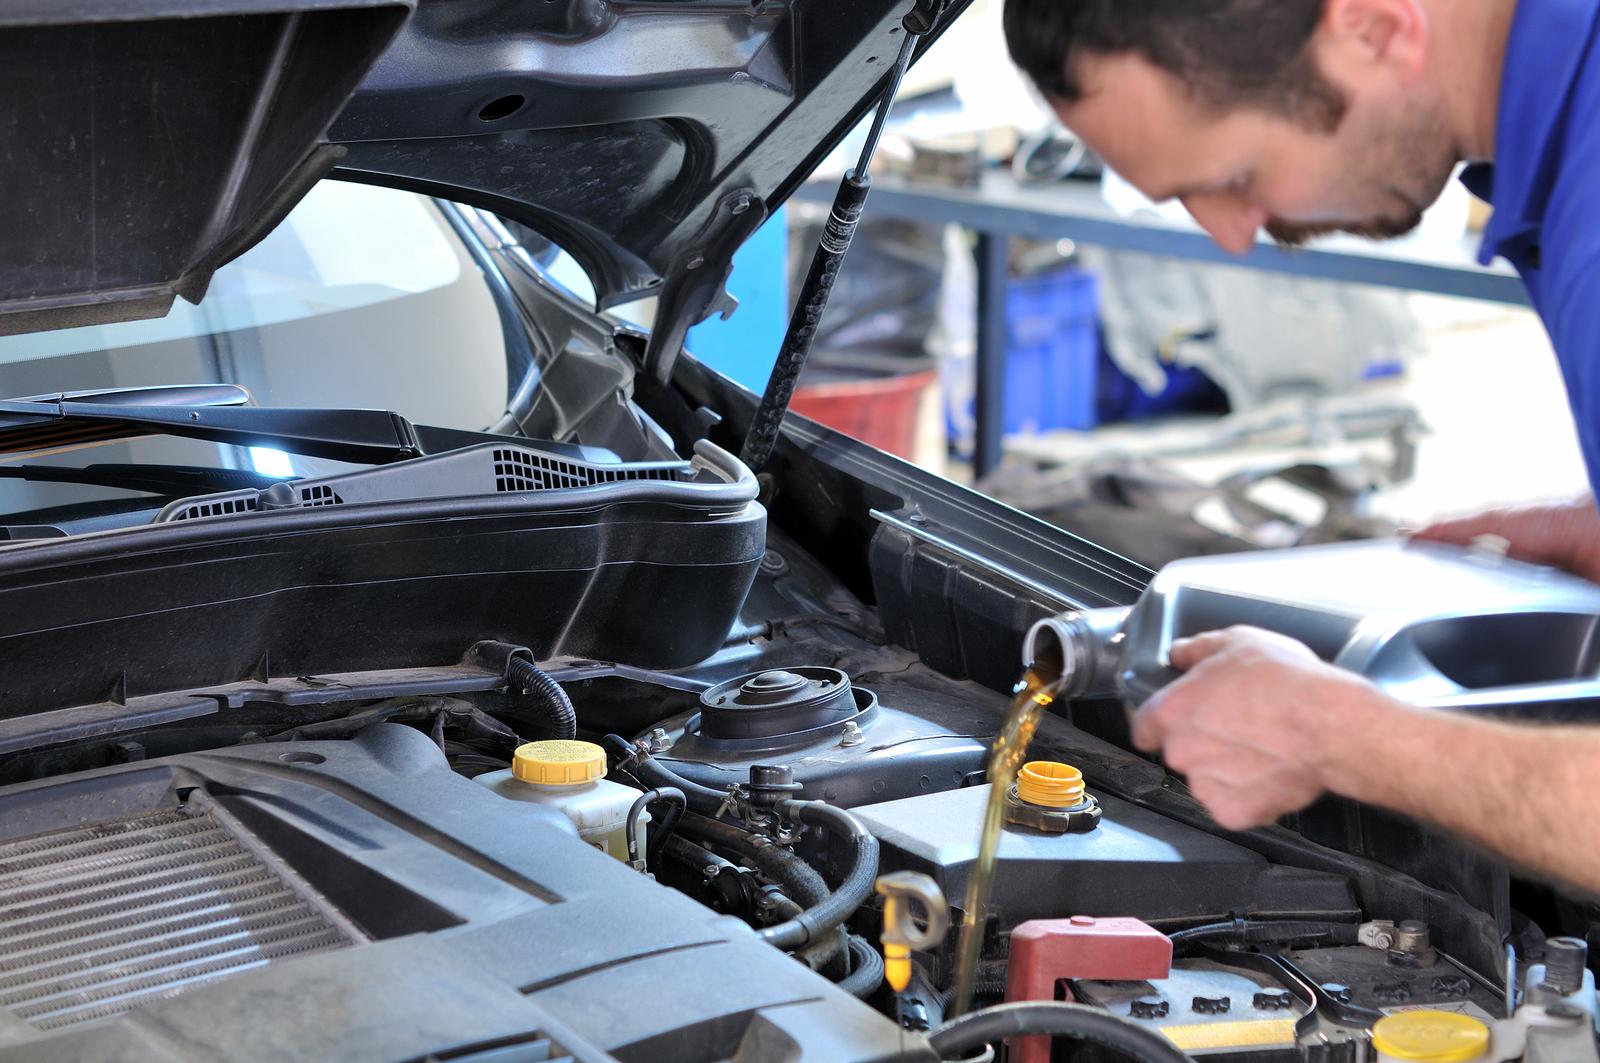 Mantenimiento: Cómo elegir el mejor aceite para el motor